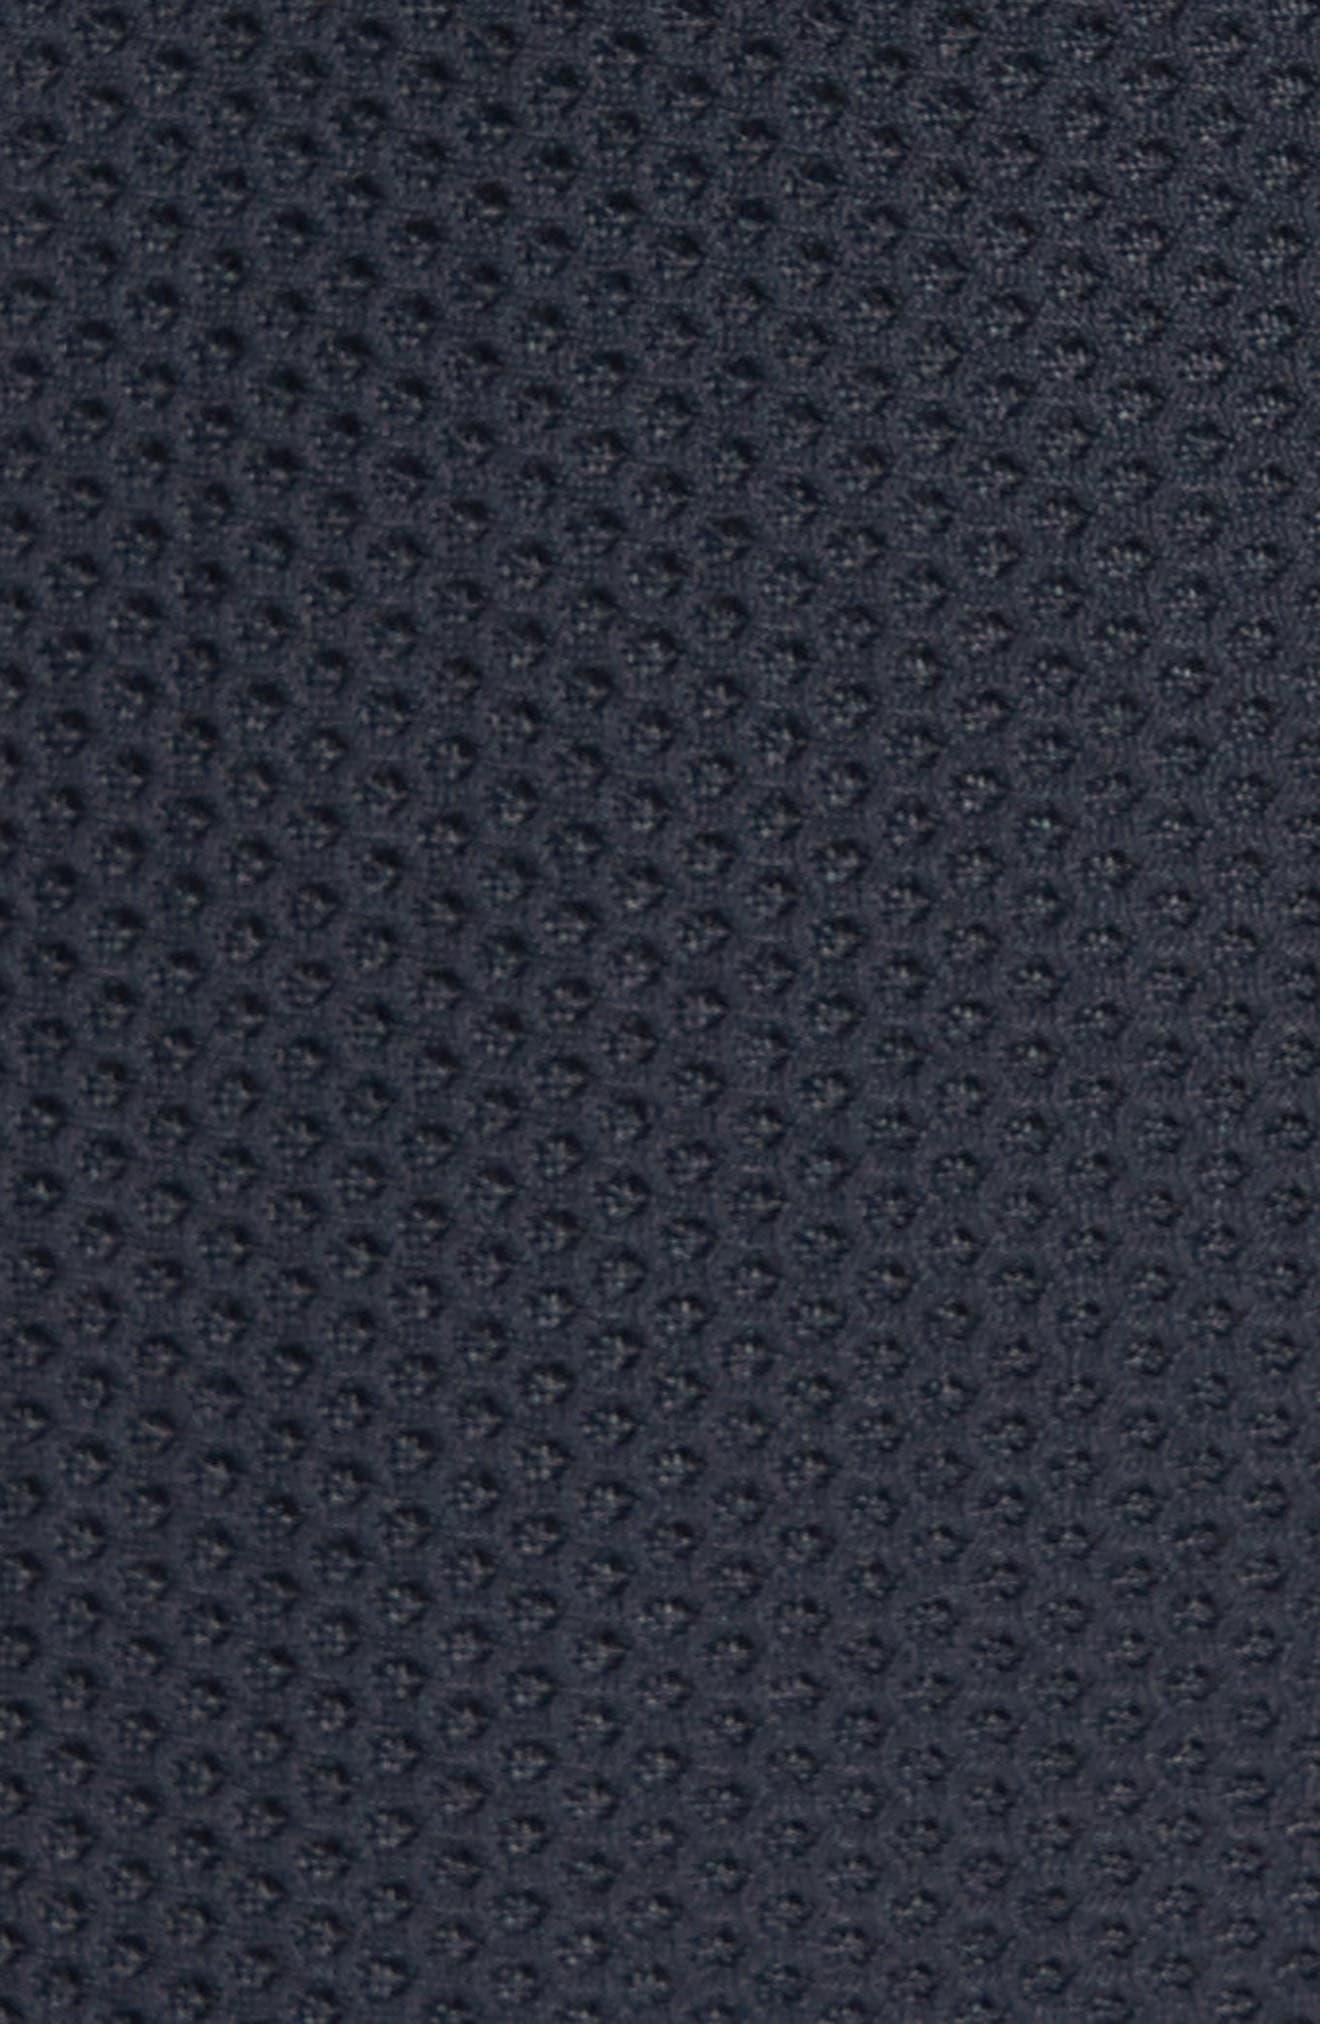 Mesh Knit Jacket,                             Alternate thumbnail 5, color,                             465